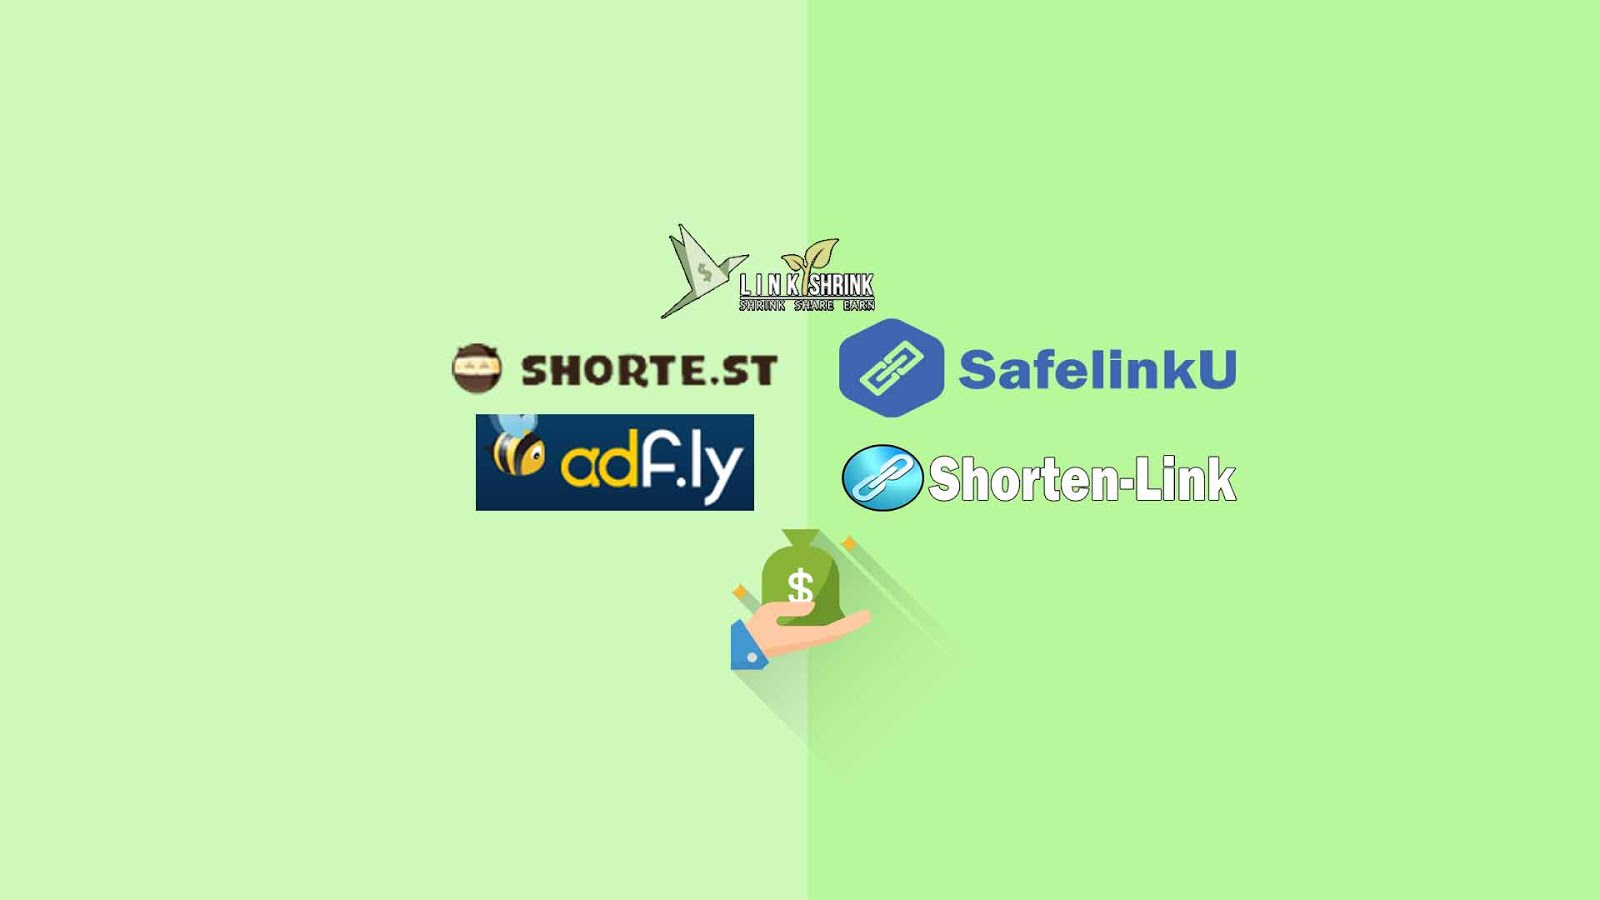 5 Situs Short Link Terbaik dan Terpopuler Yang Banyak Digunakan Di Indonesia